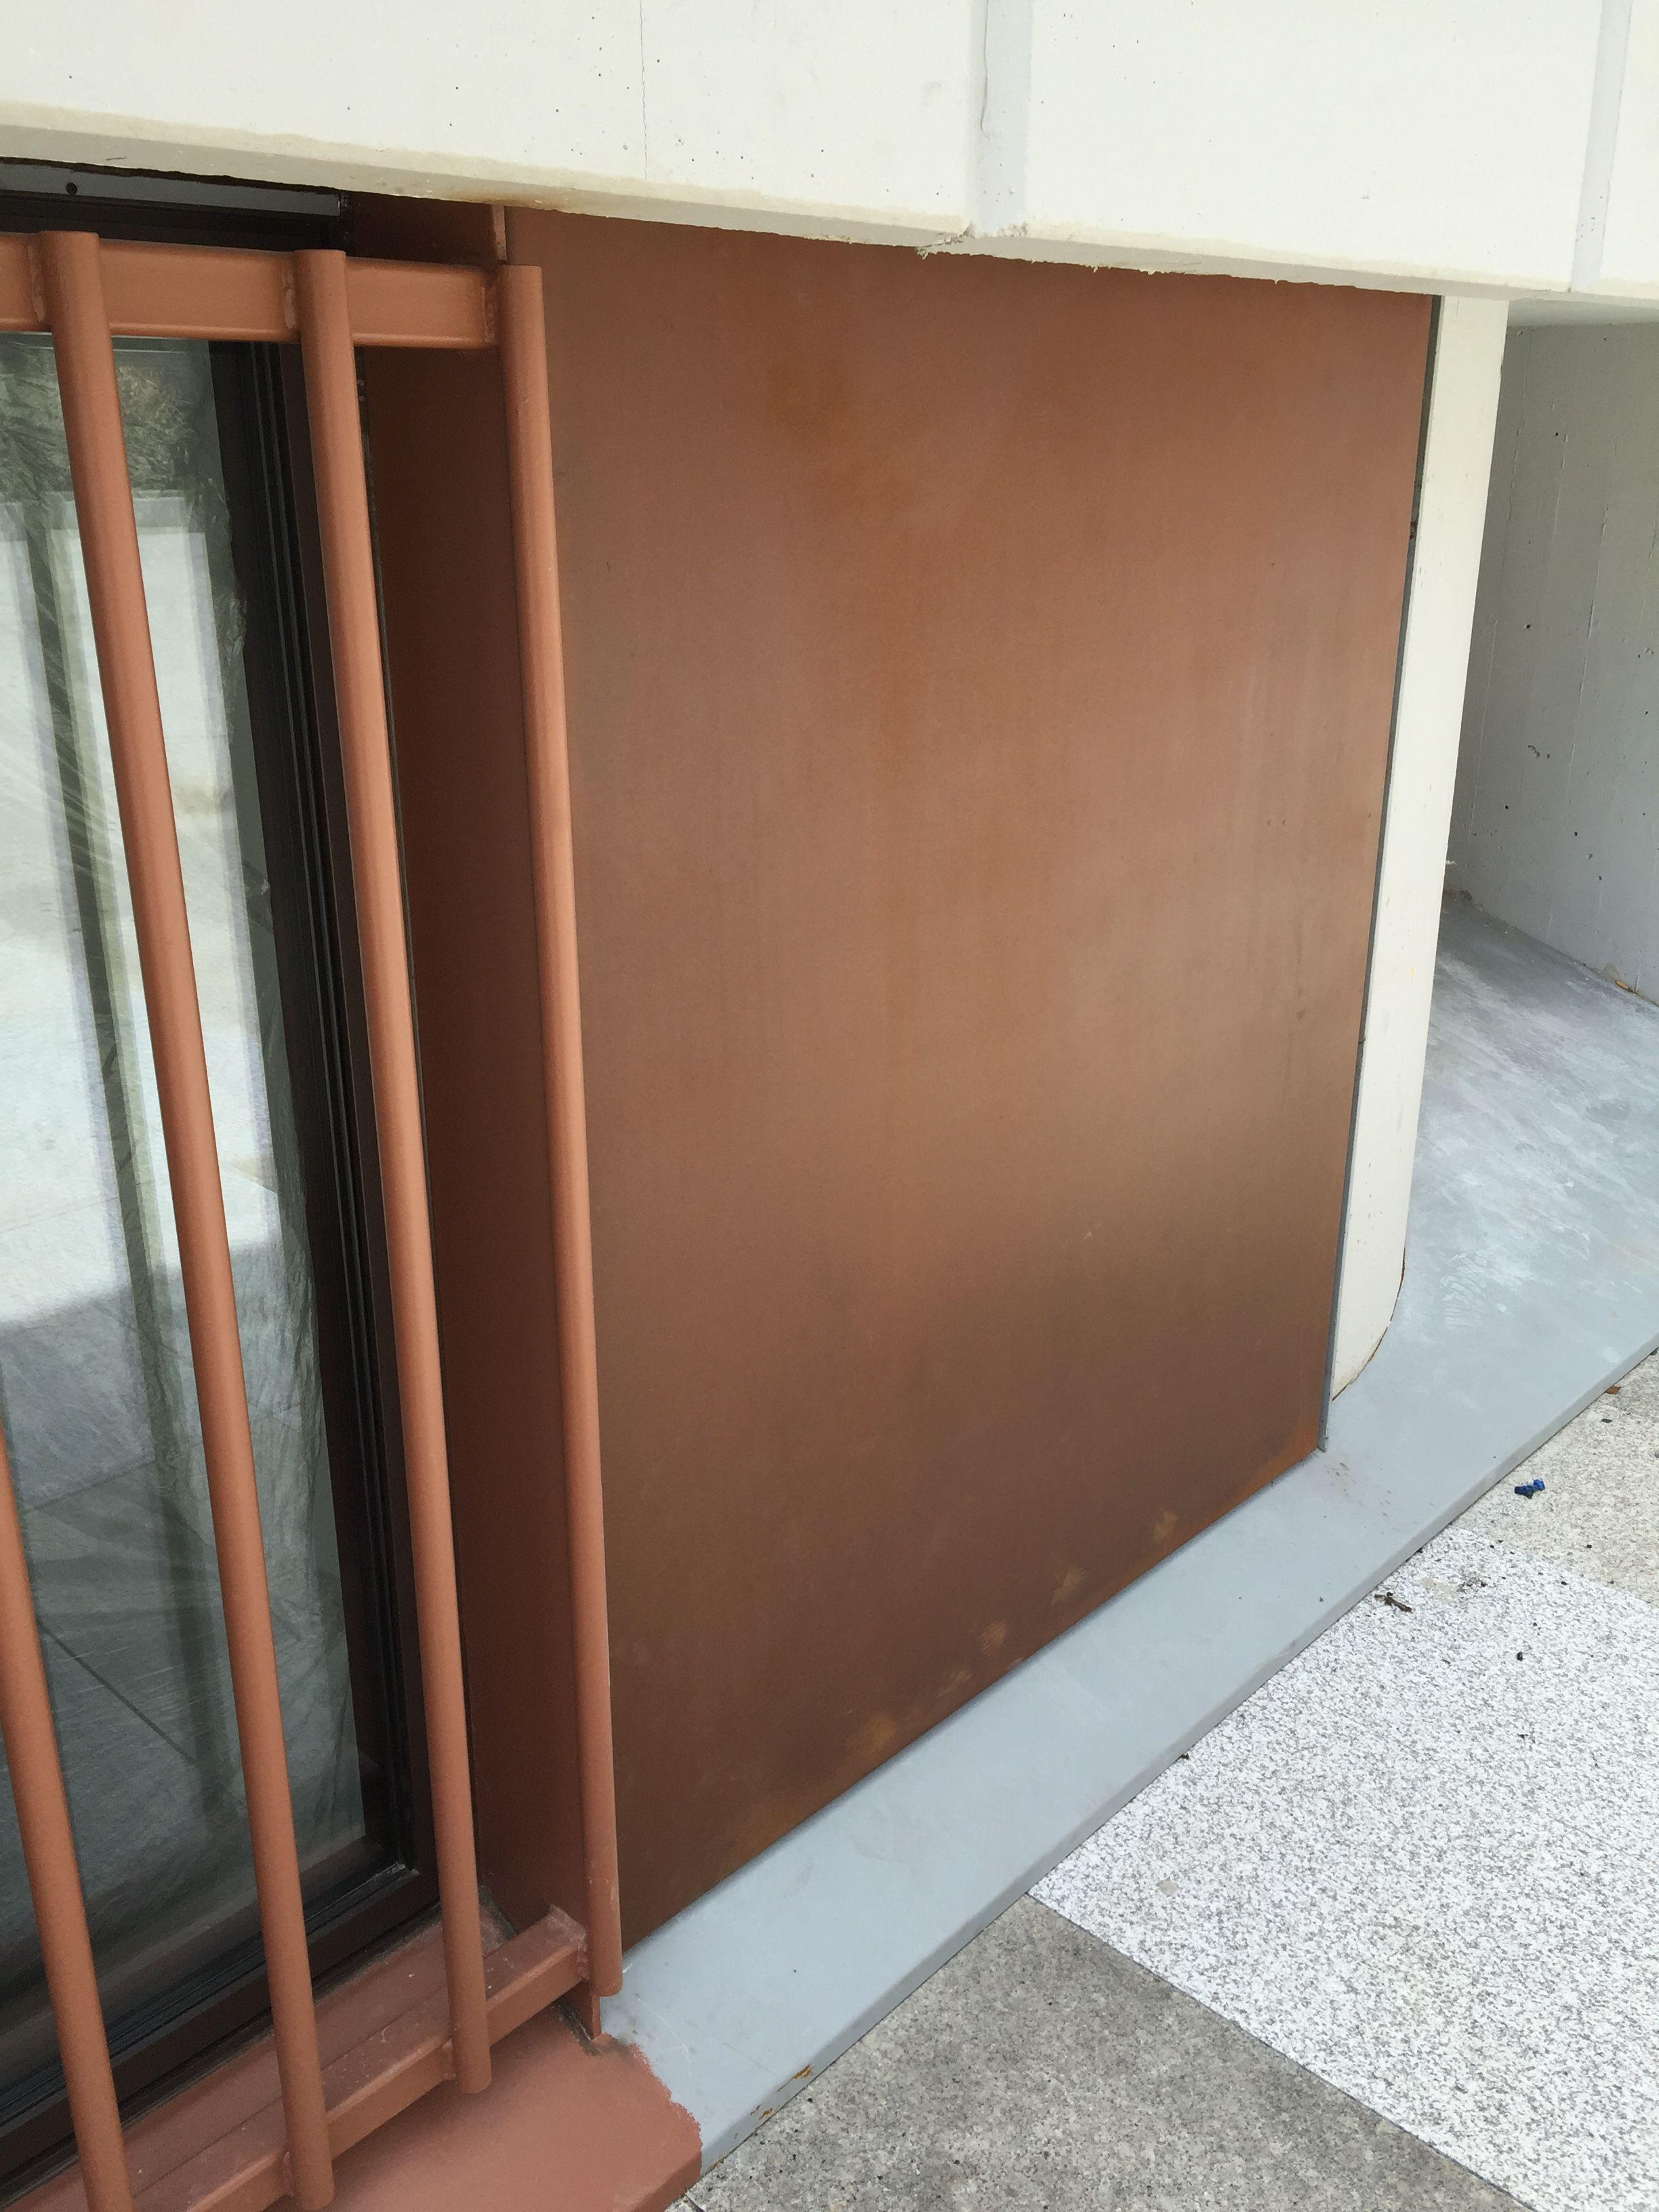 Foto 92 de Carpintería de aluminio, metálica y PVC en Terrassa | Tancaments Cusidó